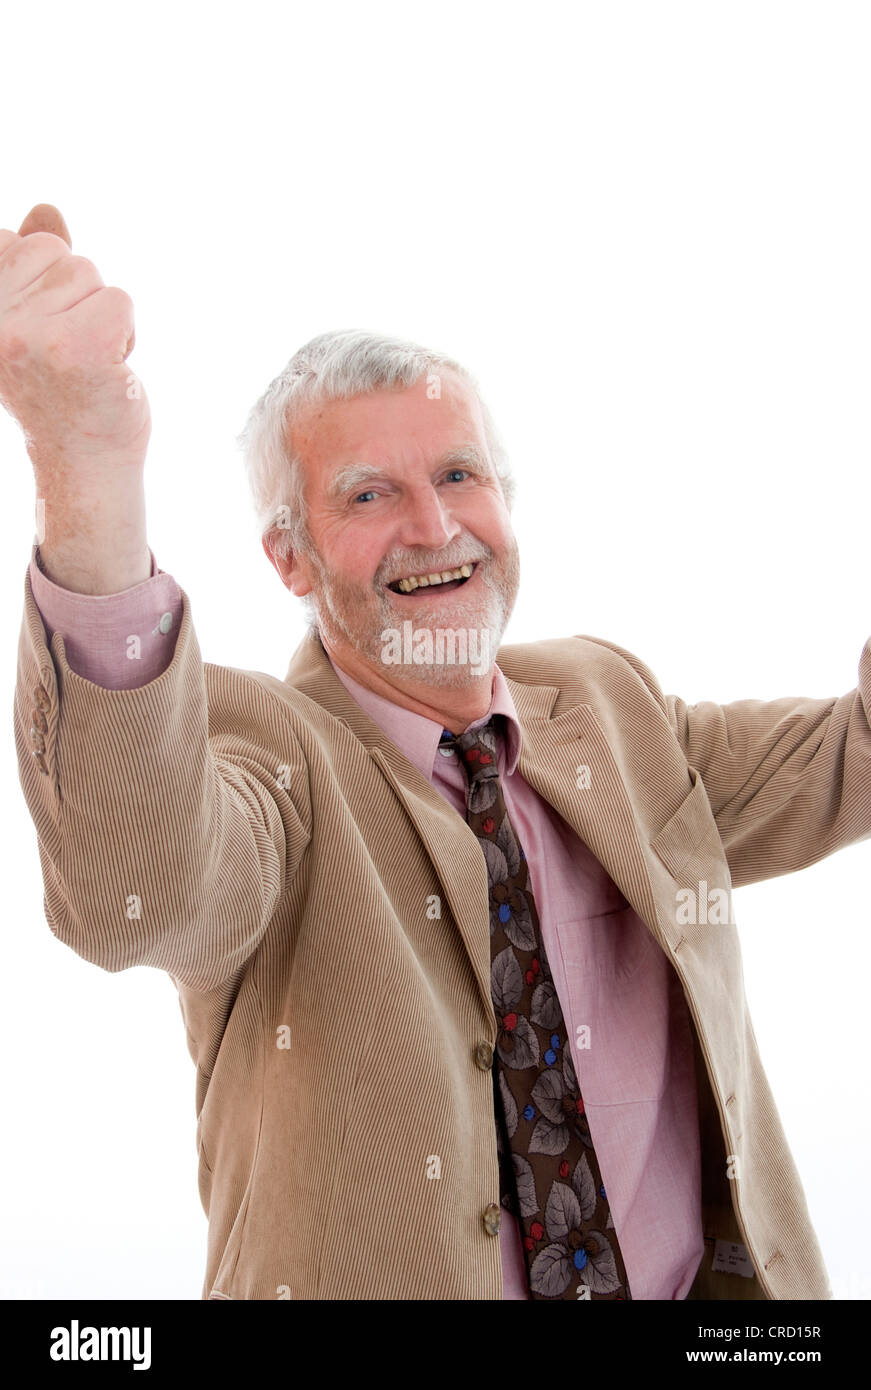 jubilating, older man - Stock Image